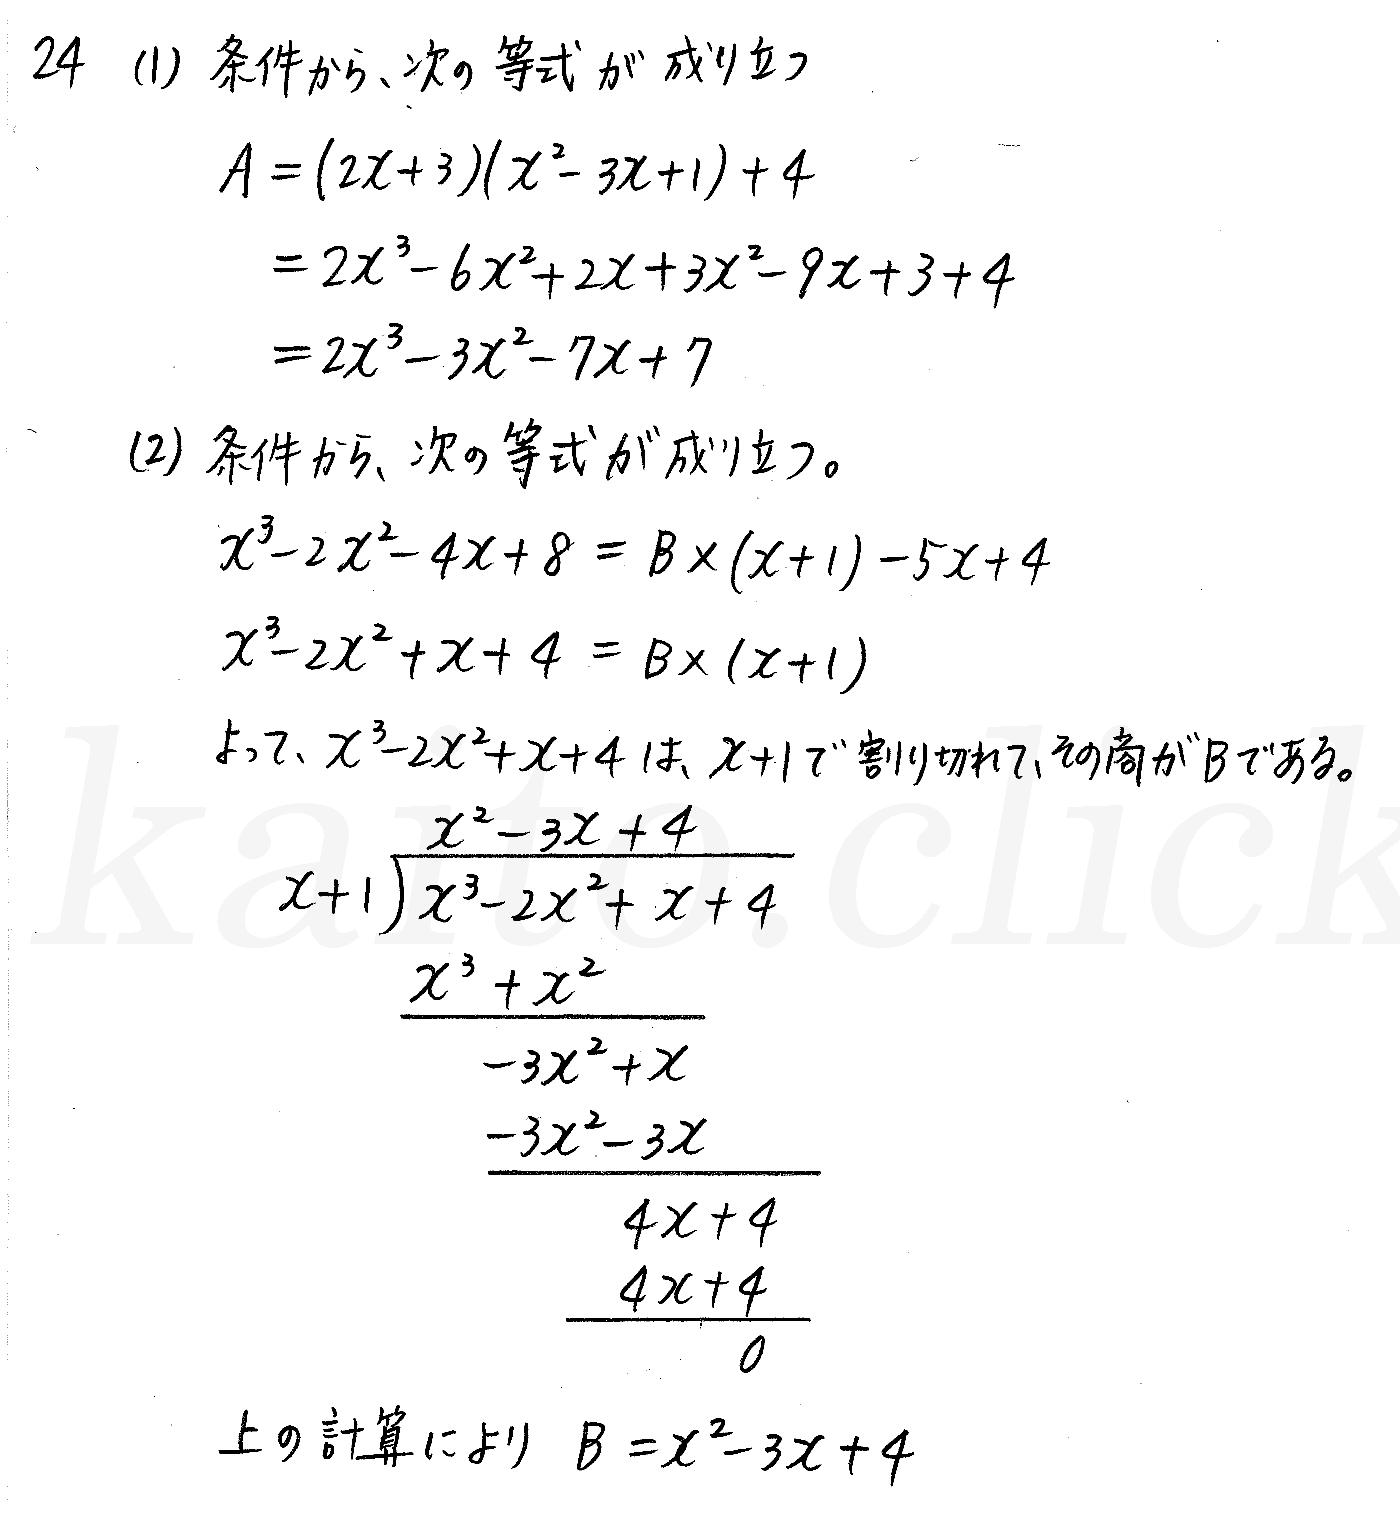 クリアー数学2-24解答